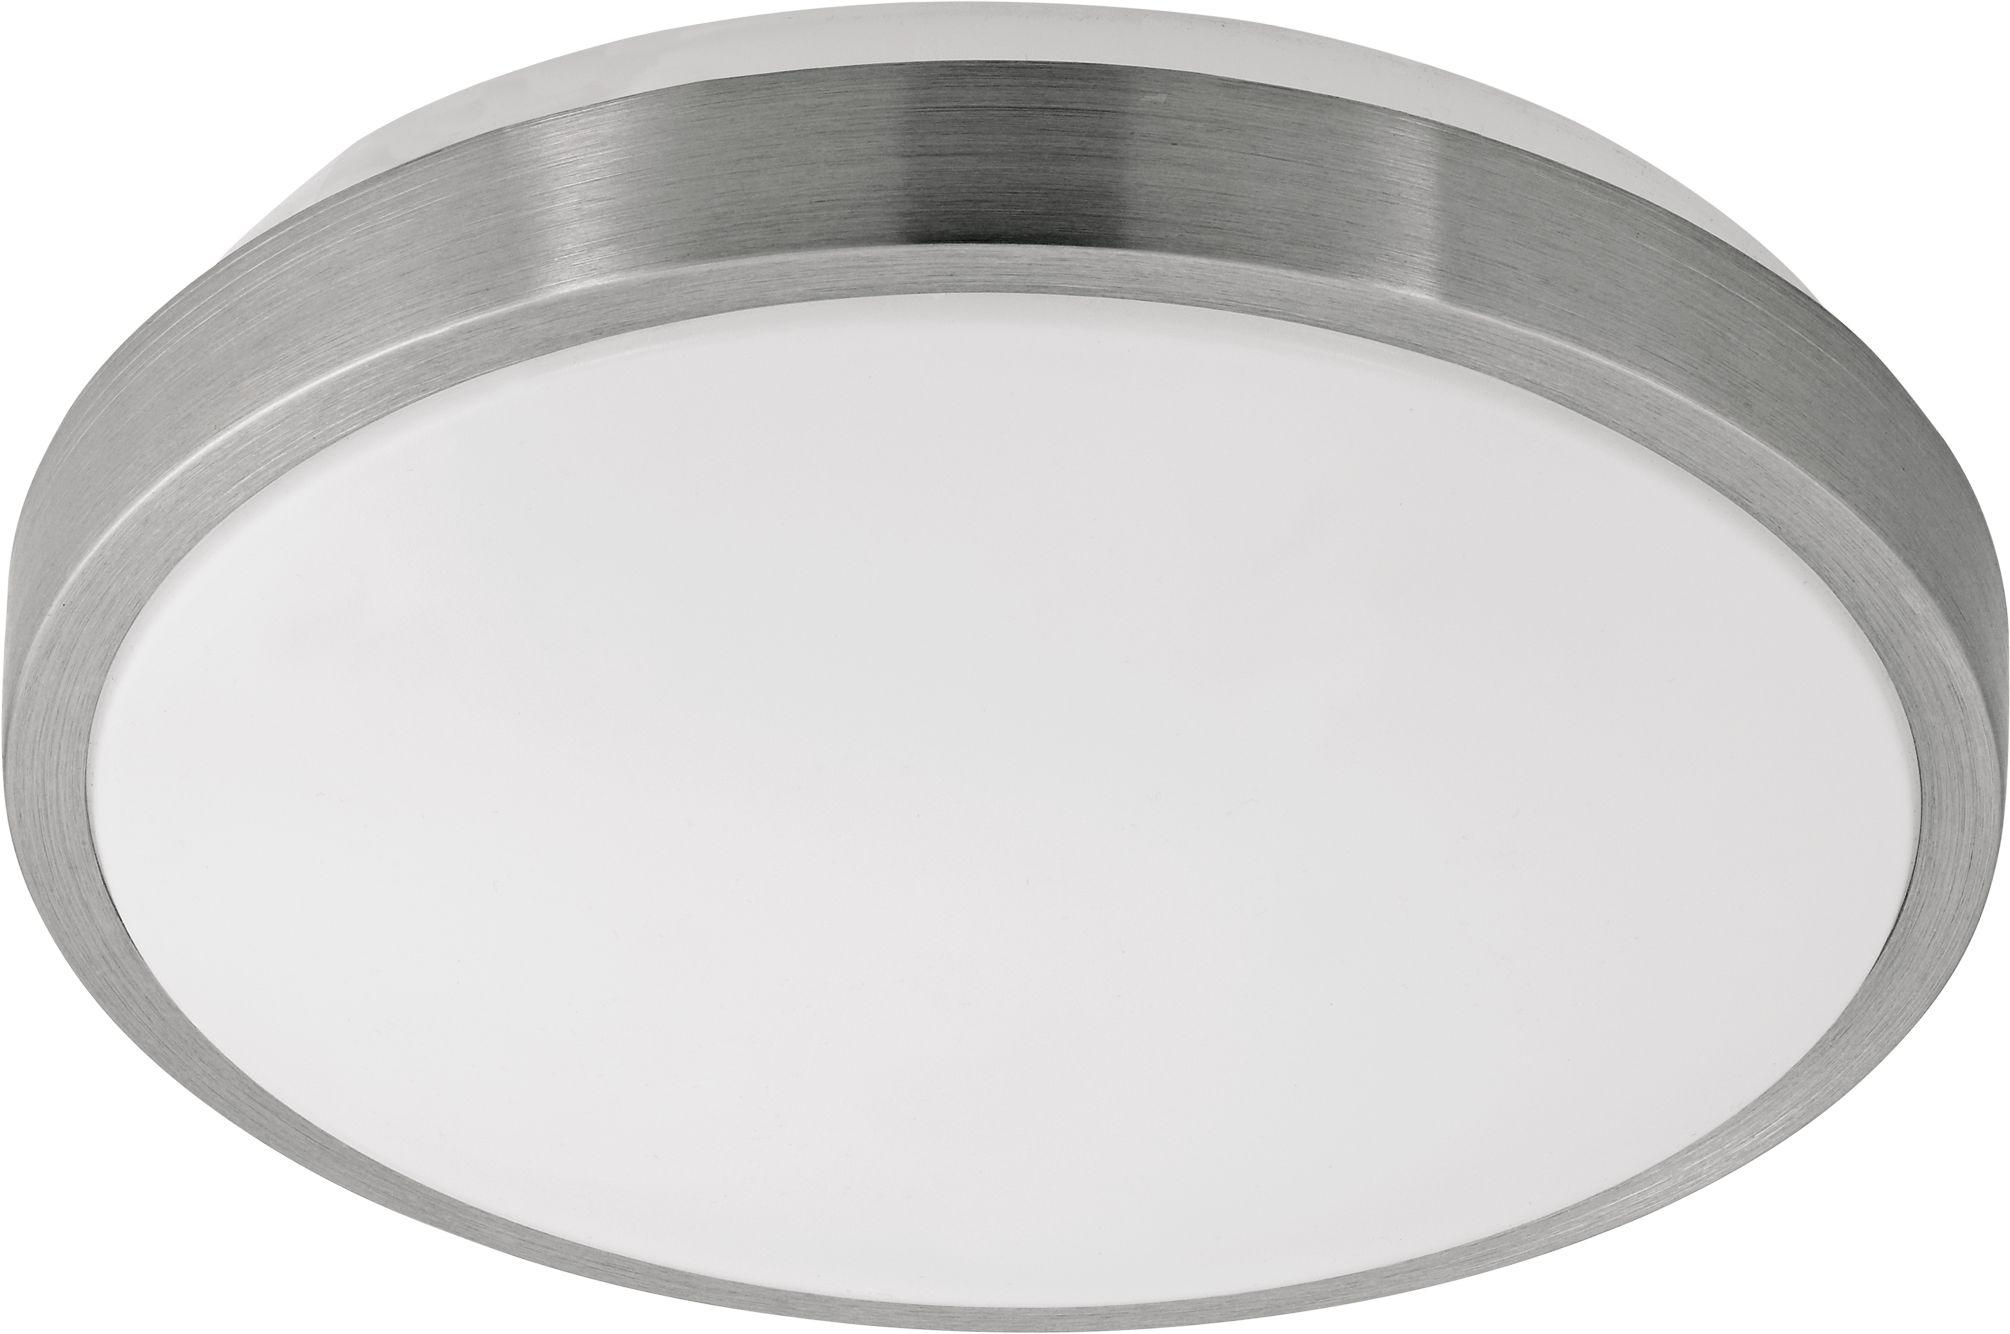 Eglo plafon, lampa sufitowa LED Competa 1 96032 - SUPER OFERTA - RABAT w koszyku